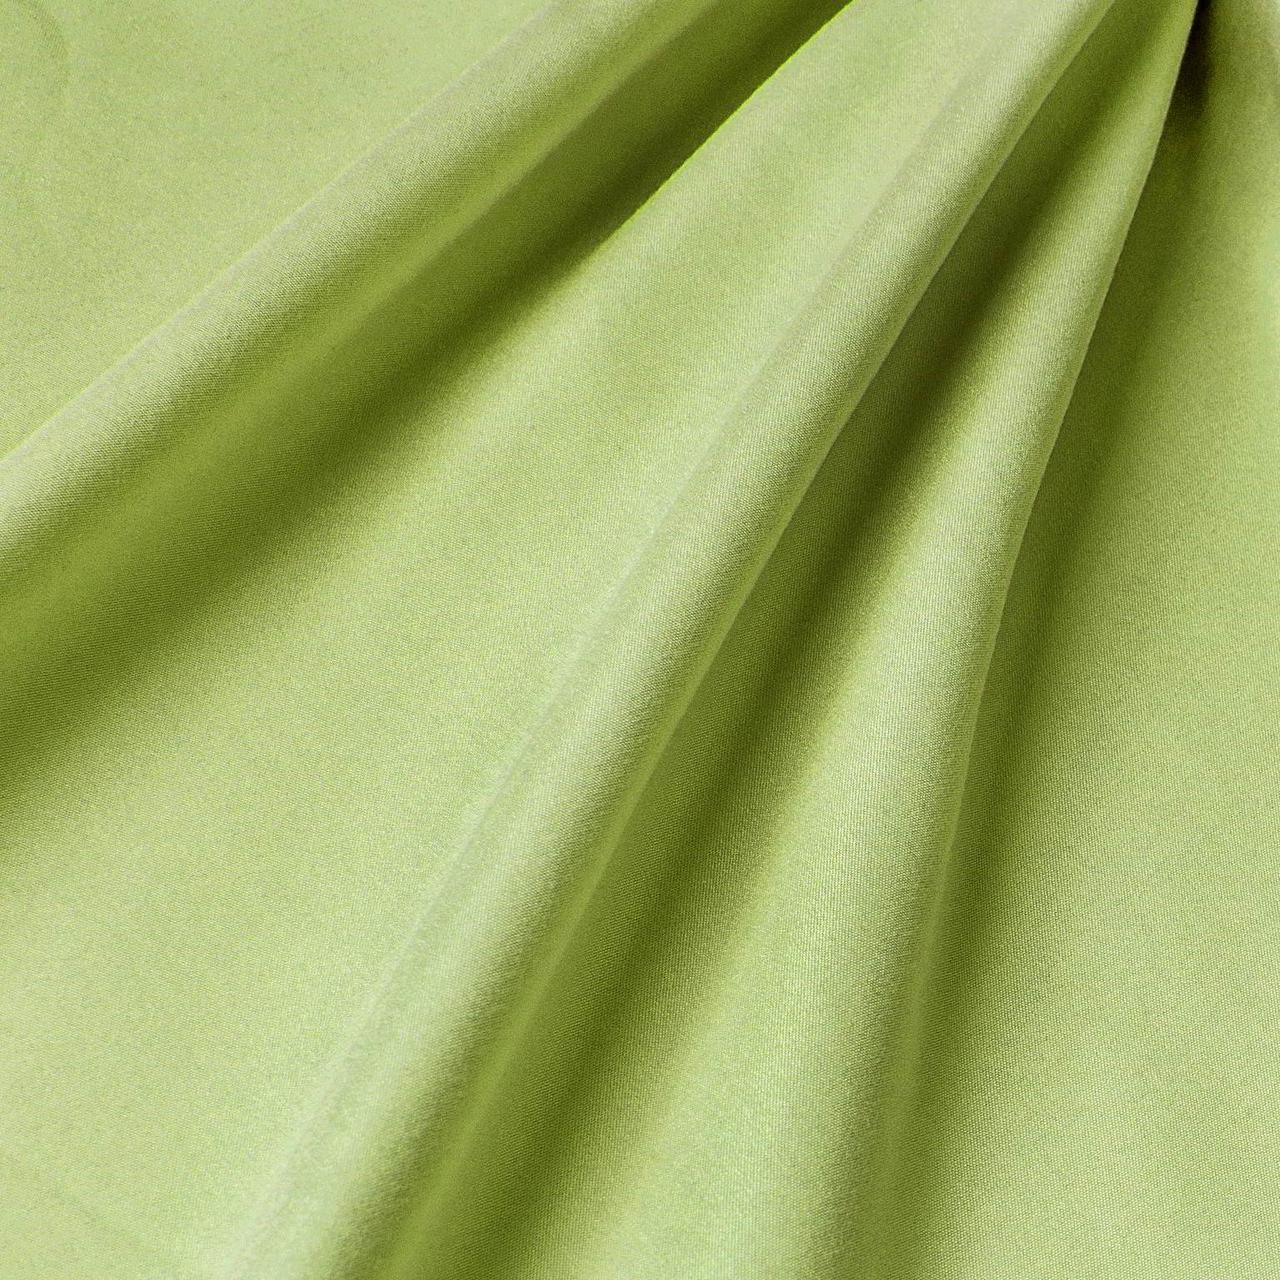 Подкладочная ткань с матовой фактурой (Испания) 400317v20